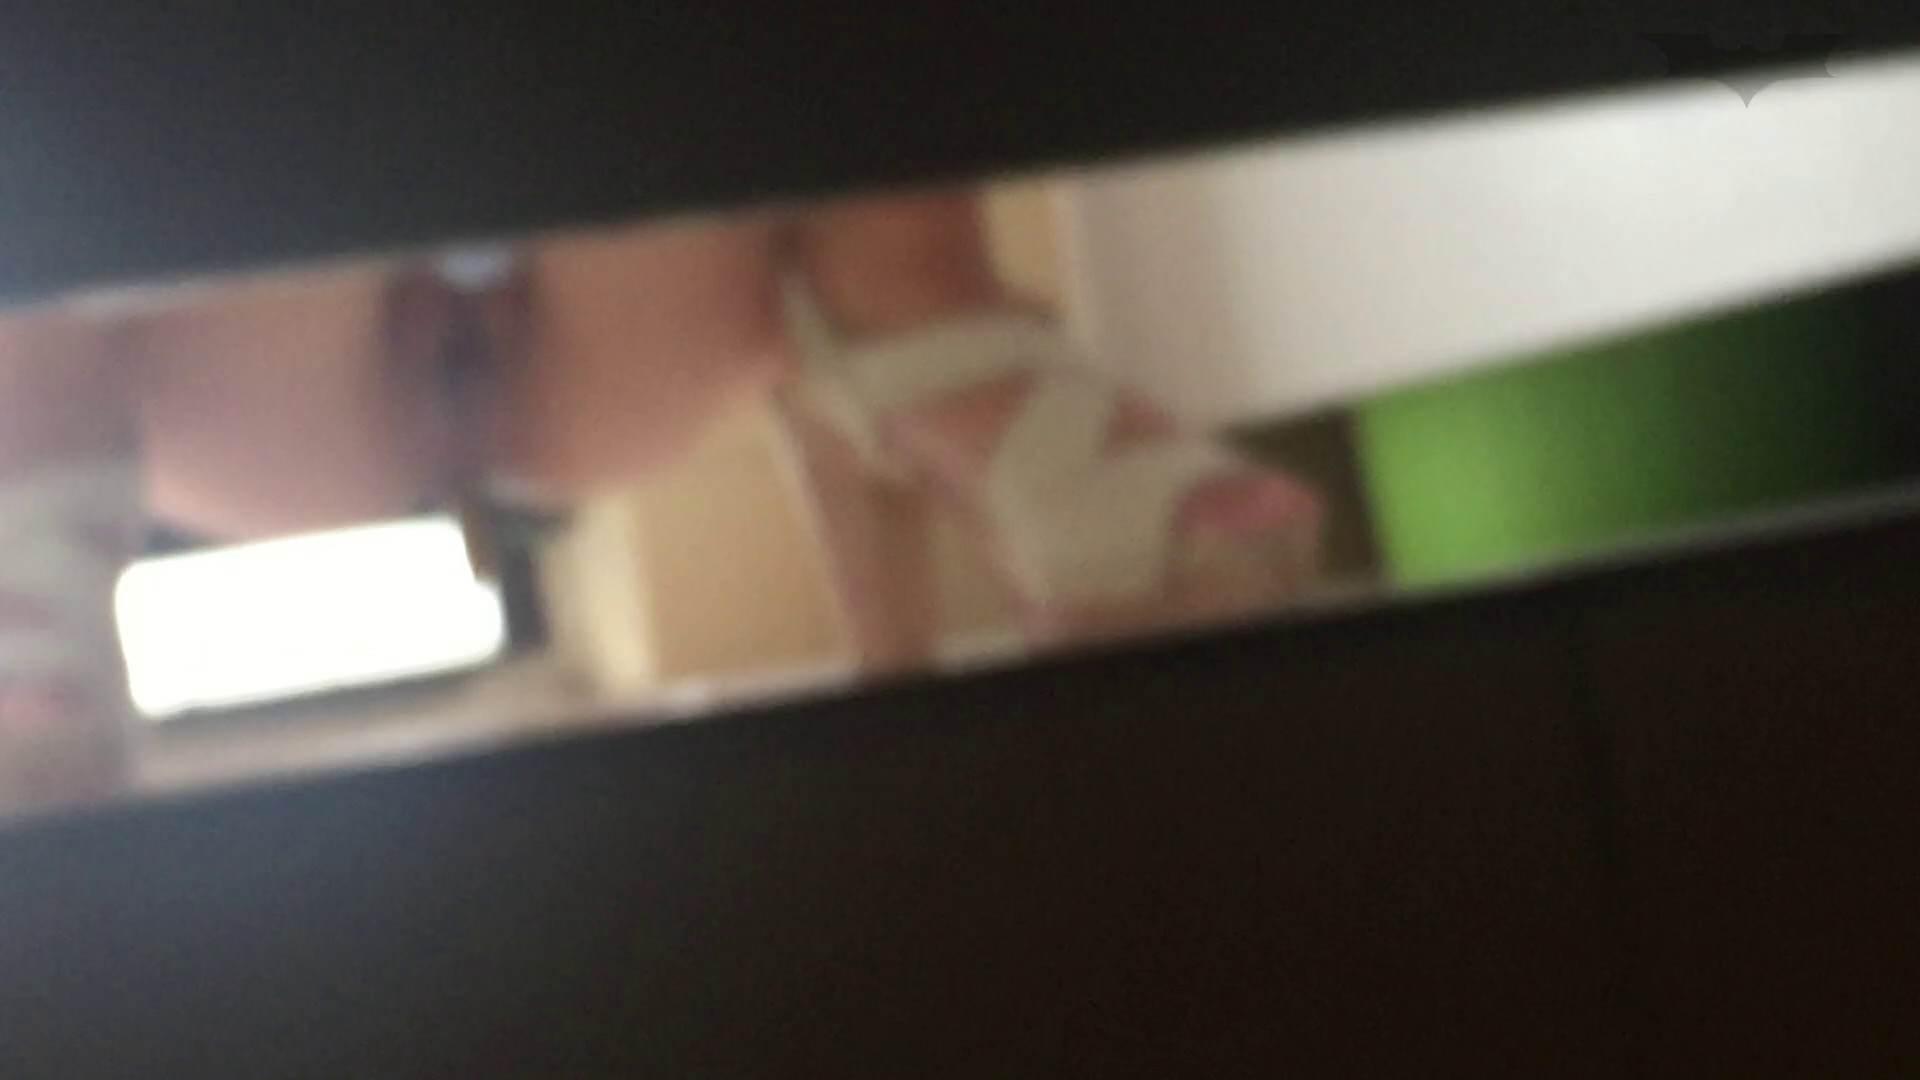 JD盗撮 美女の洗面所の秘密 Vol.73 エッチすぎる美女 | トイレ中の女子達  67連発 61